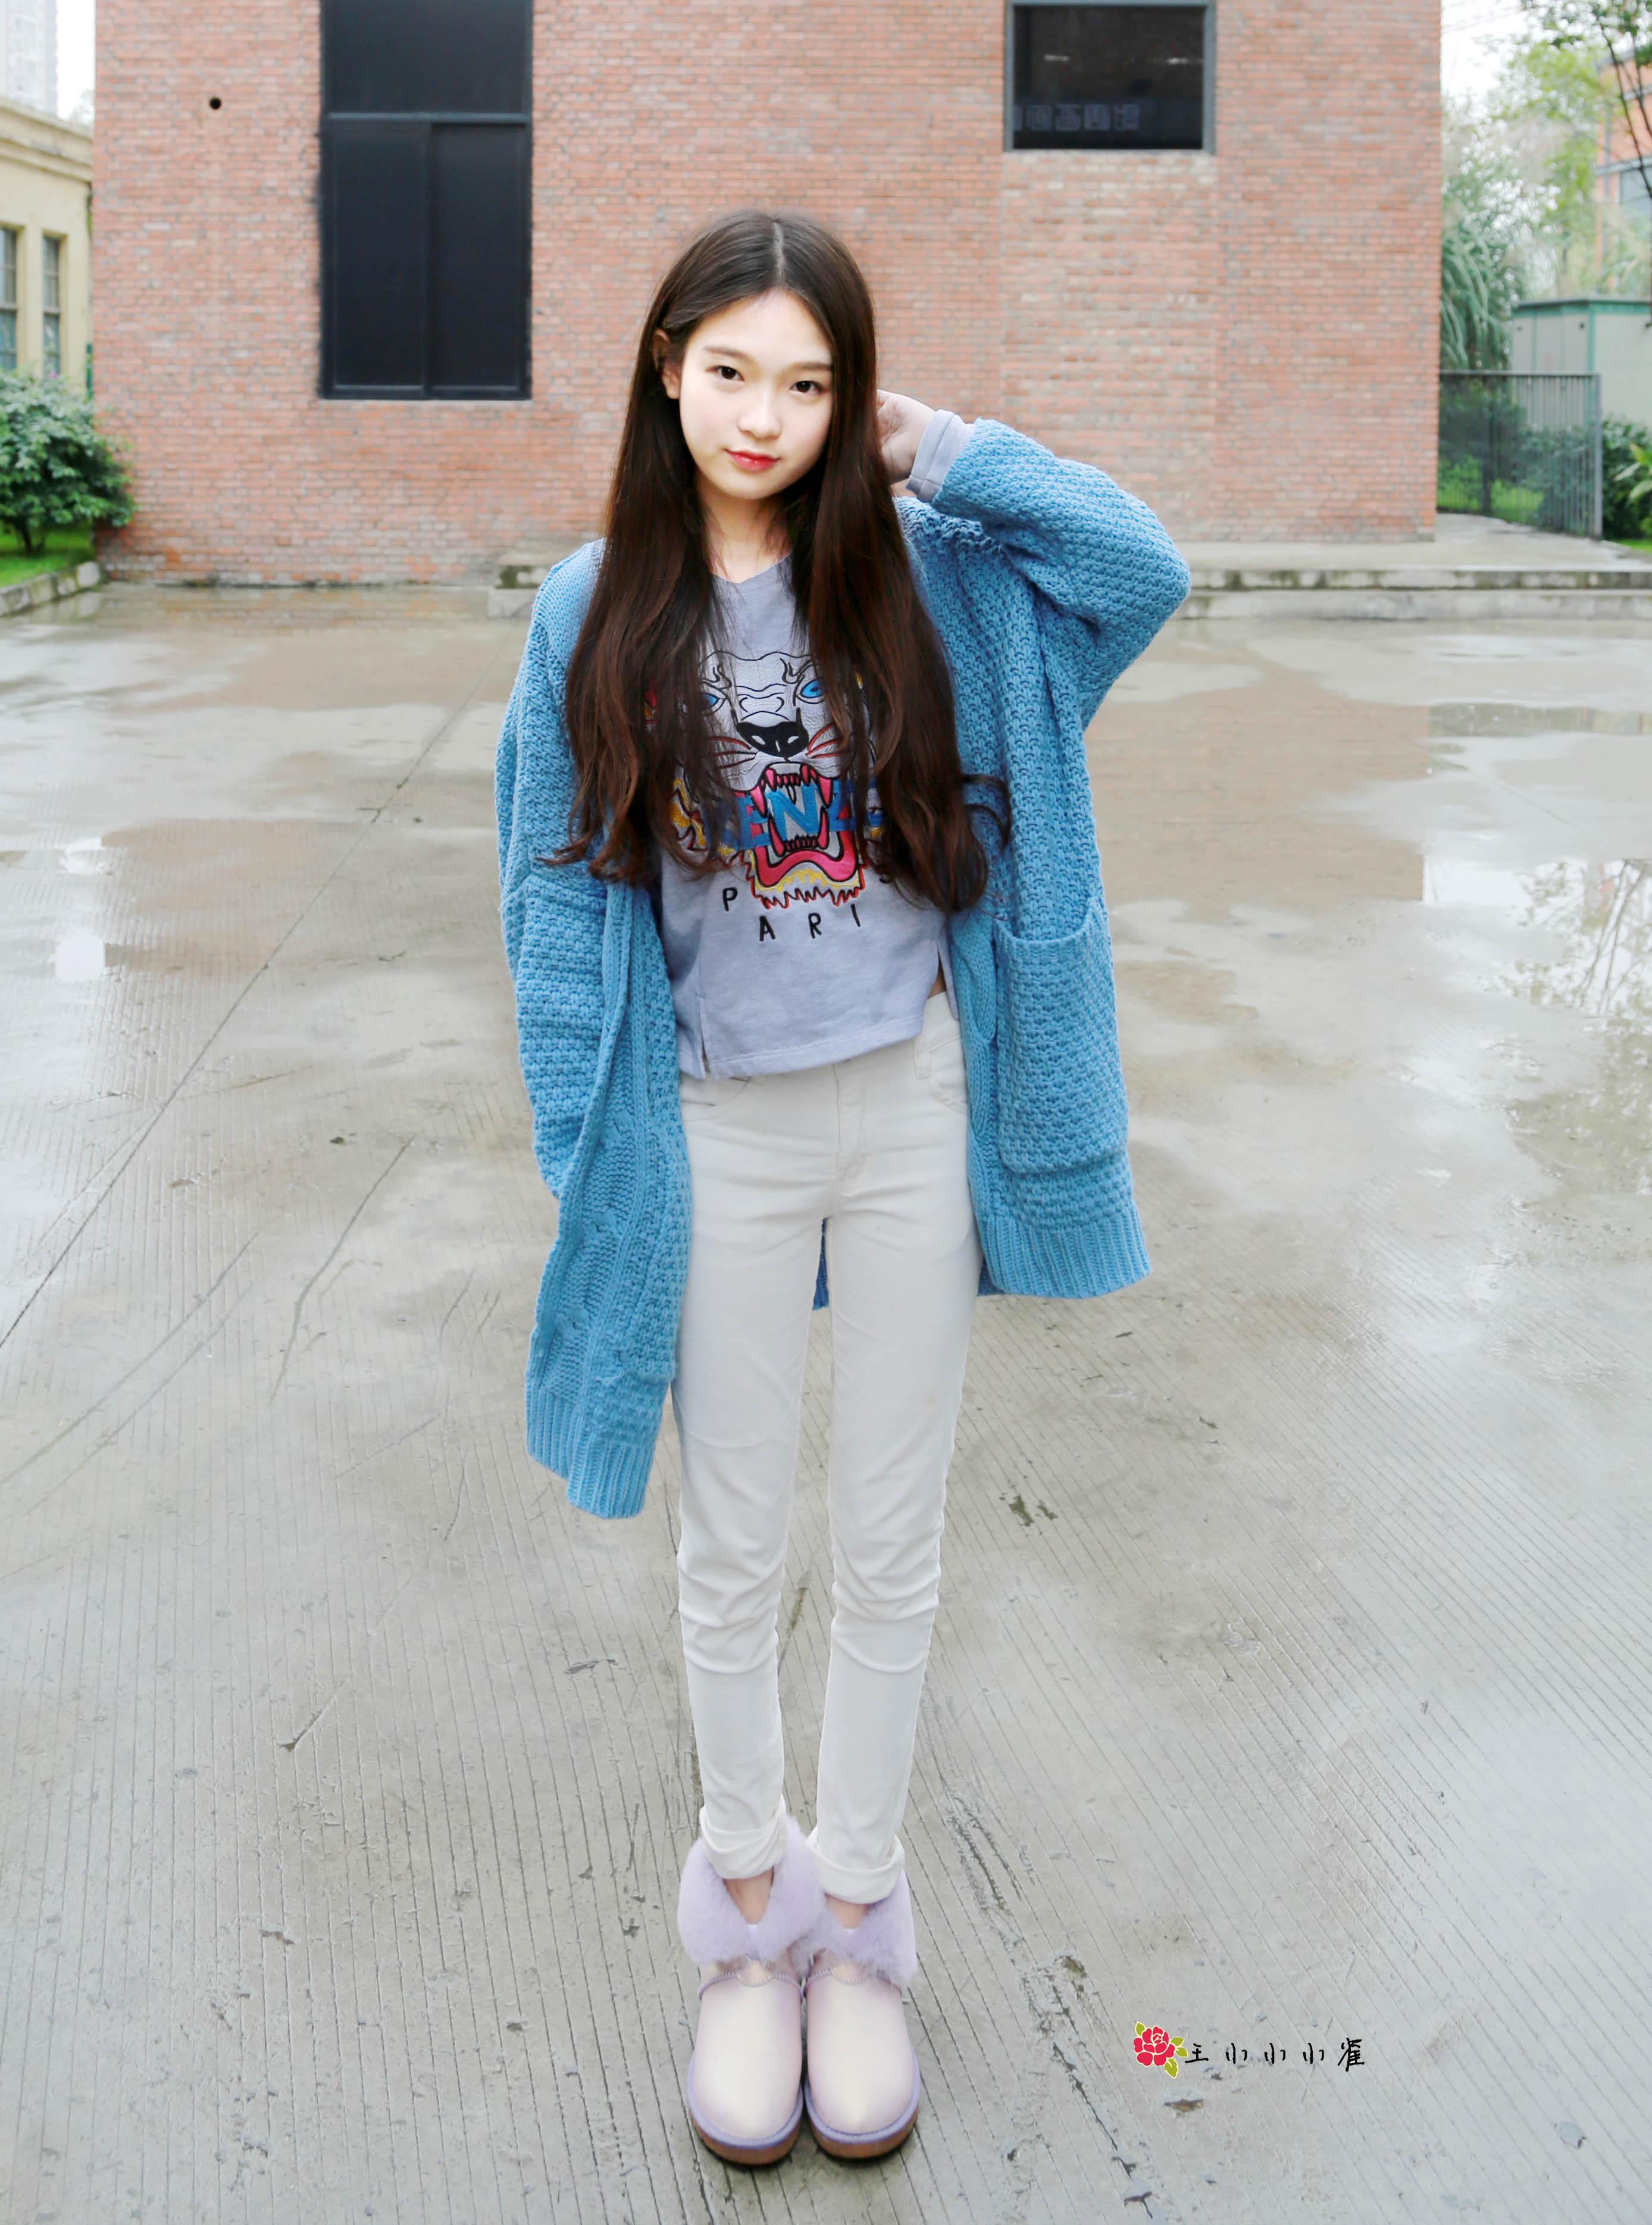 宽松的毛衣外套搭配灰色短款卫衣和白色的裤子